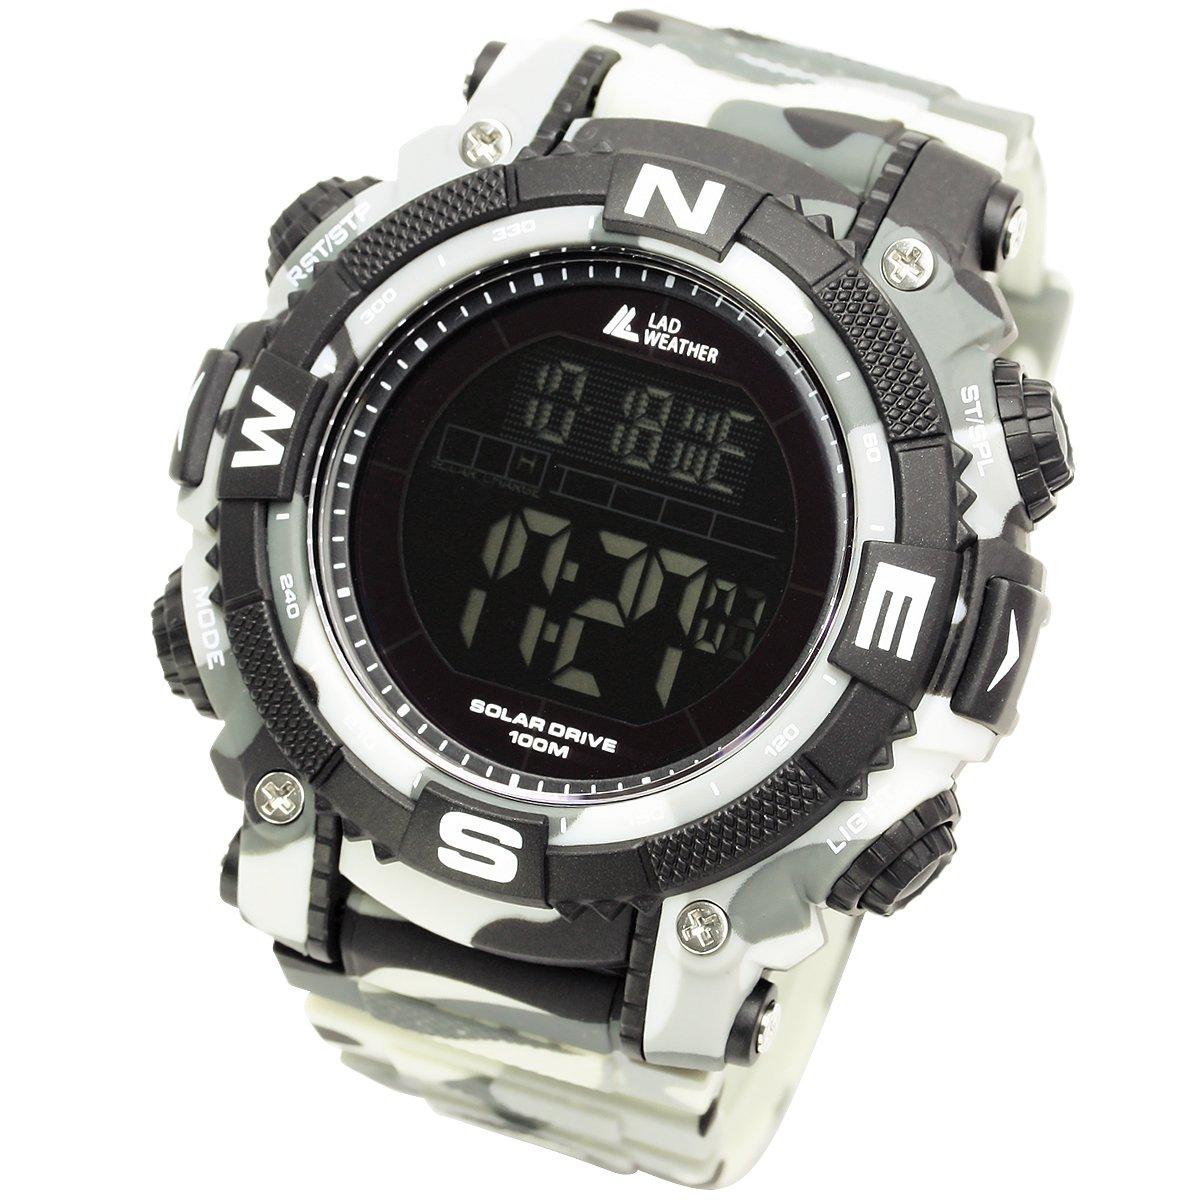 [Lad Weather] Reloj Digital con potente batería solar resistente al agua hasta 100metros. SmartWatch Militar para Exterior